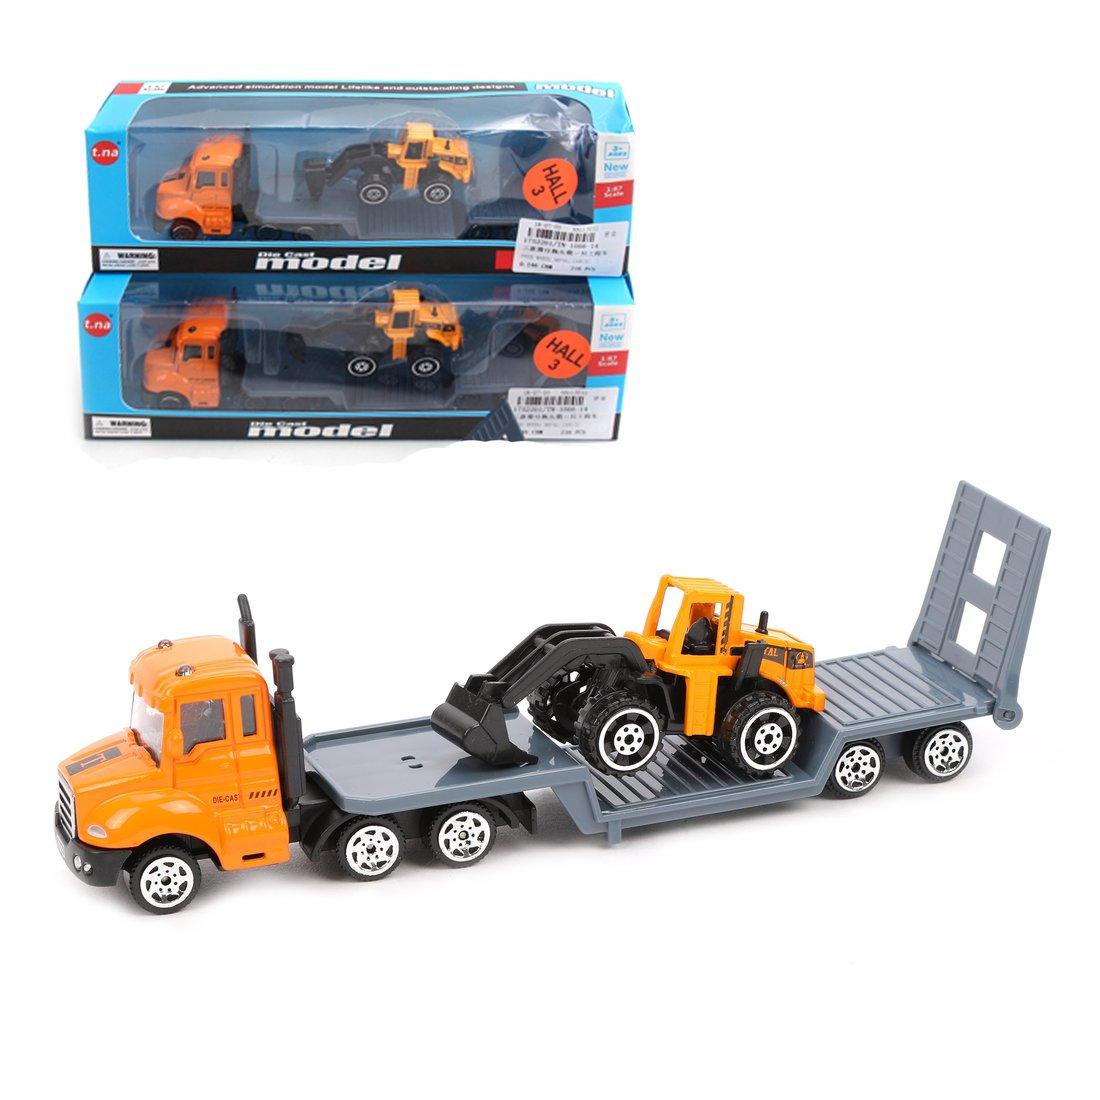 Игр.набор Спецтехника, металл., в комплекте: 2 машины, прицеп., коробка